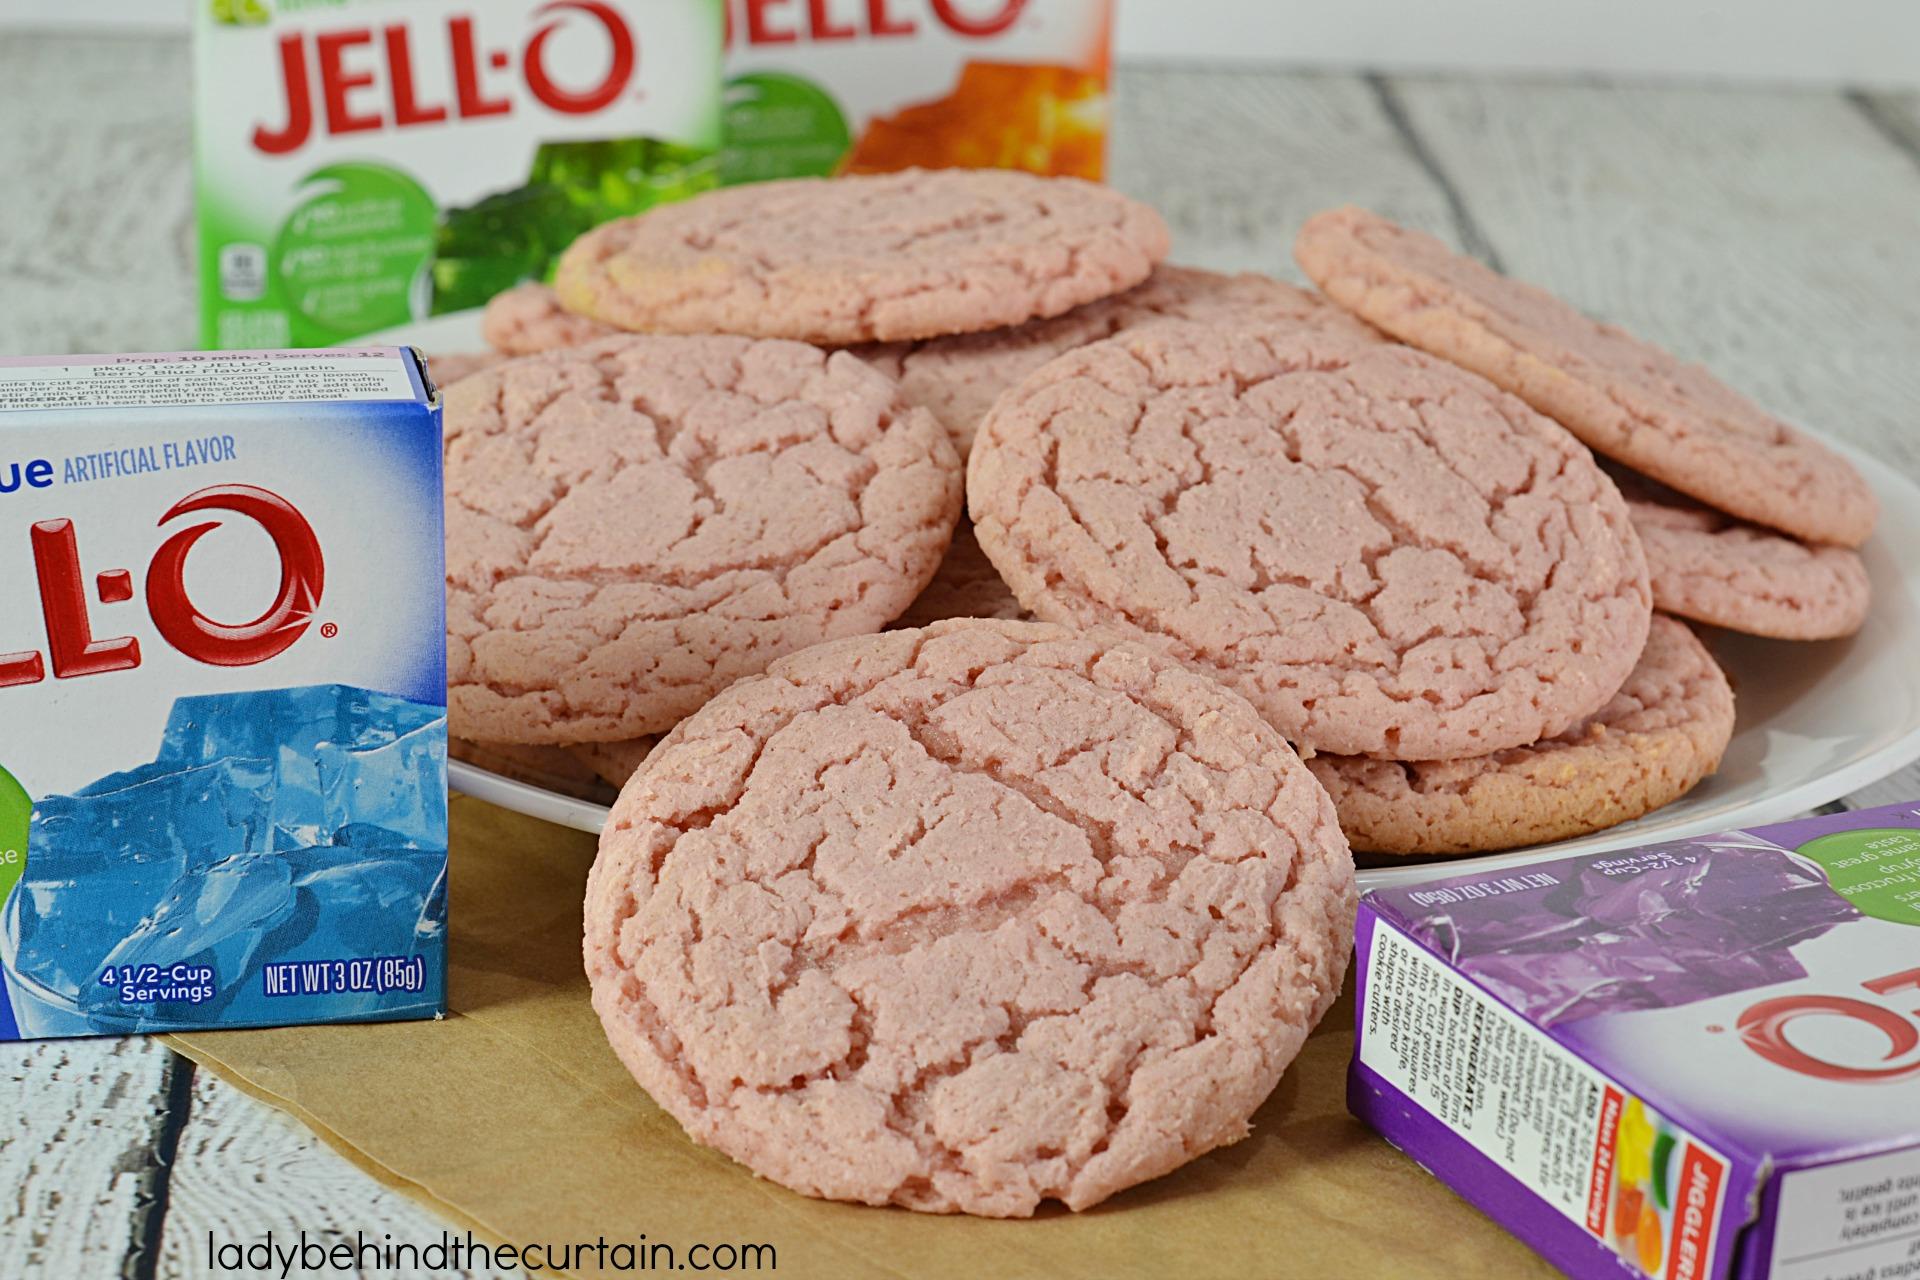 Jello Flavored Cake Mix Cookie Recipe